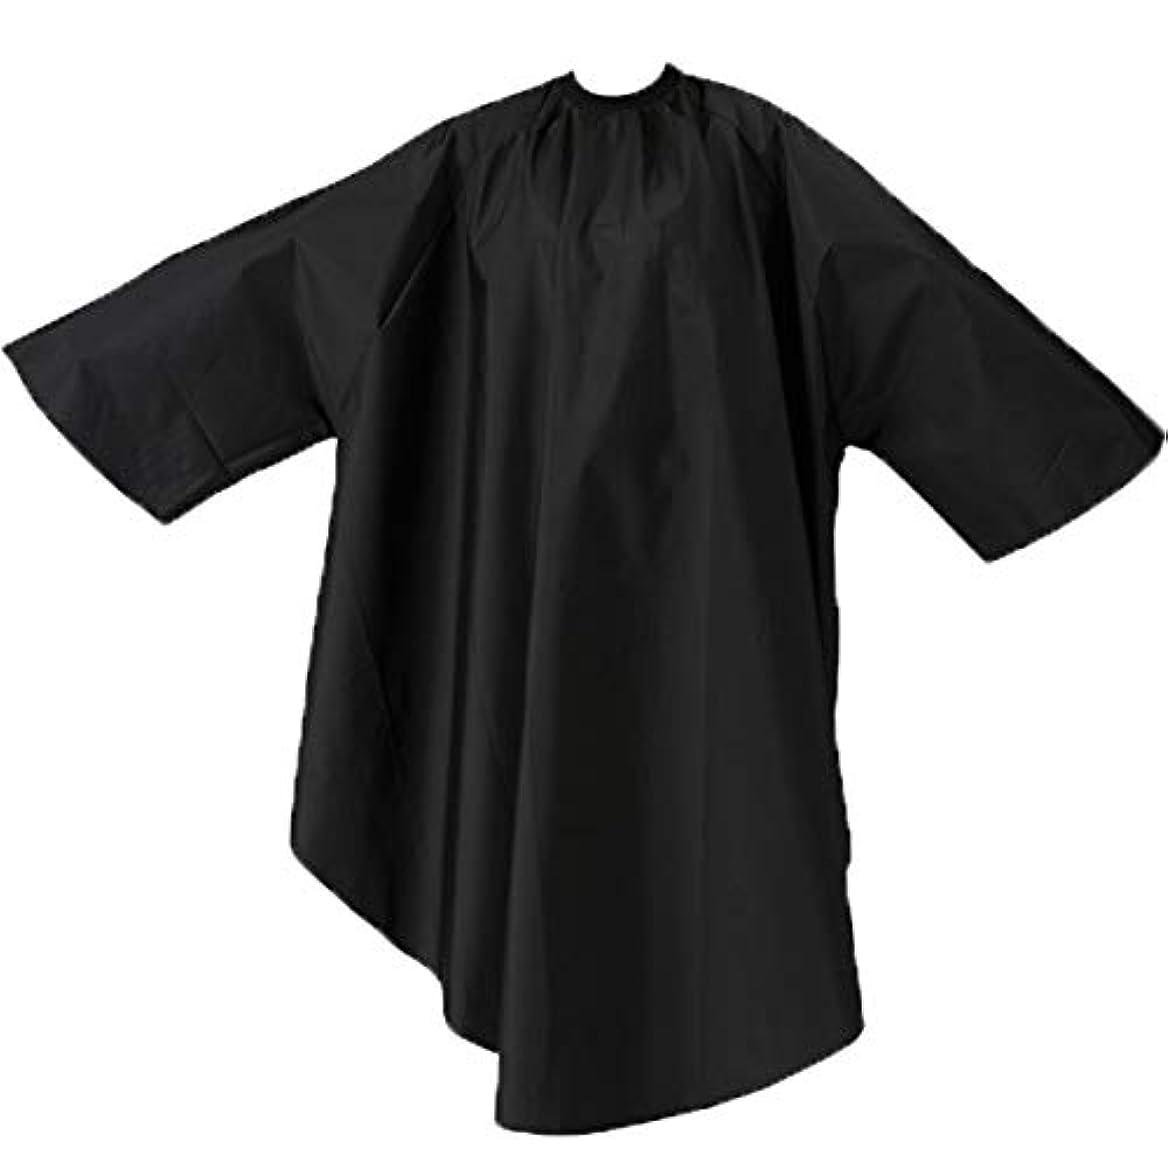 プレゼンテーション魅惑的な謎めいたエルコ 9762 ザ?クロス SKITT II 袖付 ヘアダイ&カットクロス ナイロン100% ヘアカラー/散髪ケープ/カットクロス/刈布 ELCO (首回り52cm, ブラック)